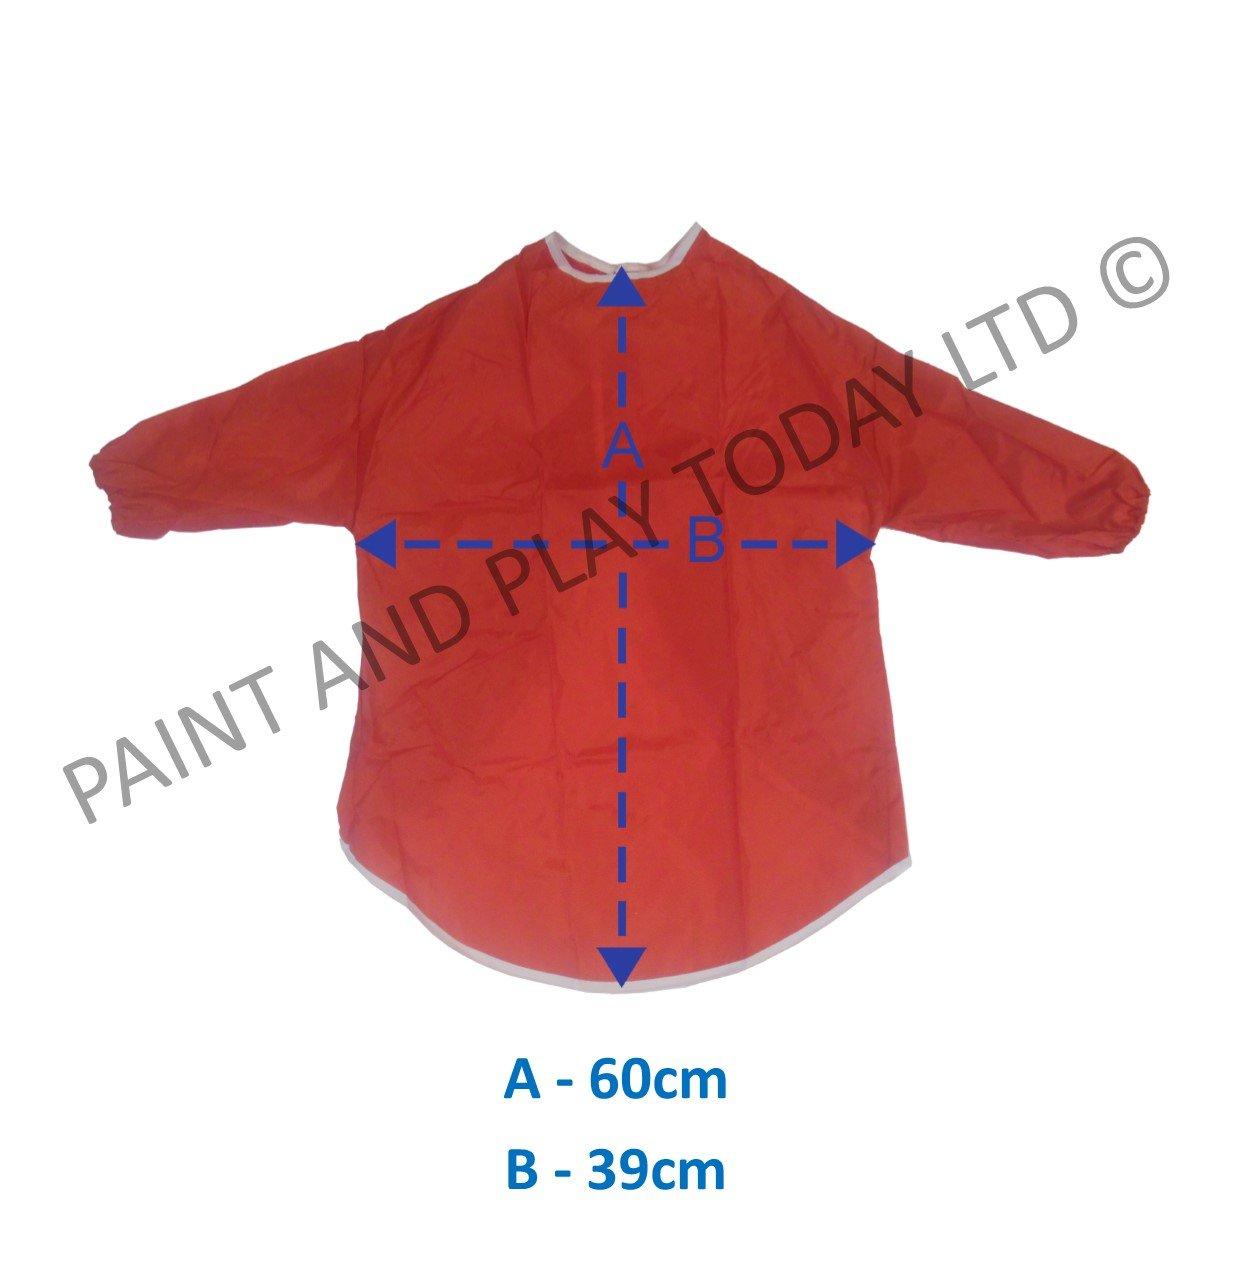 Rosso scuola cucina casa 2-4 Anni Paint and Play Today Grembiule camice per bambini mezze maniche lunghe per pittura